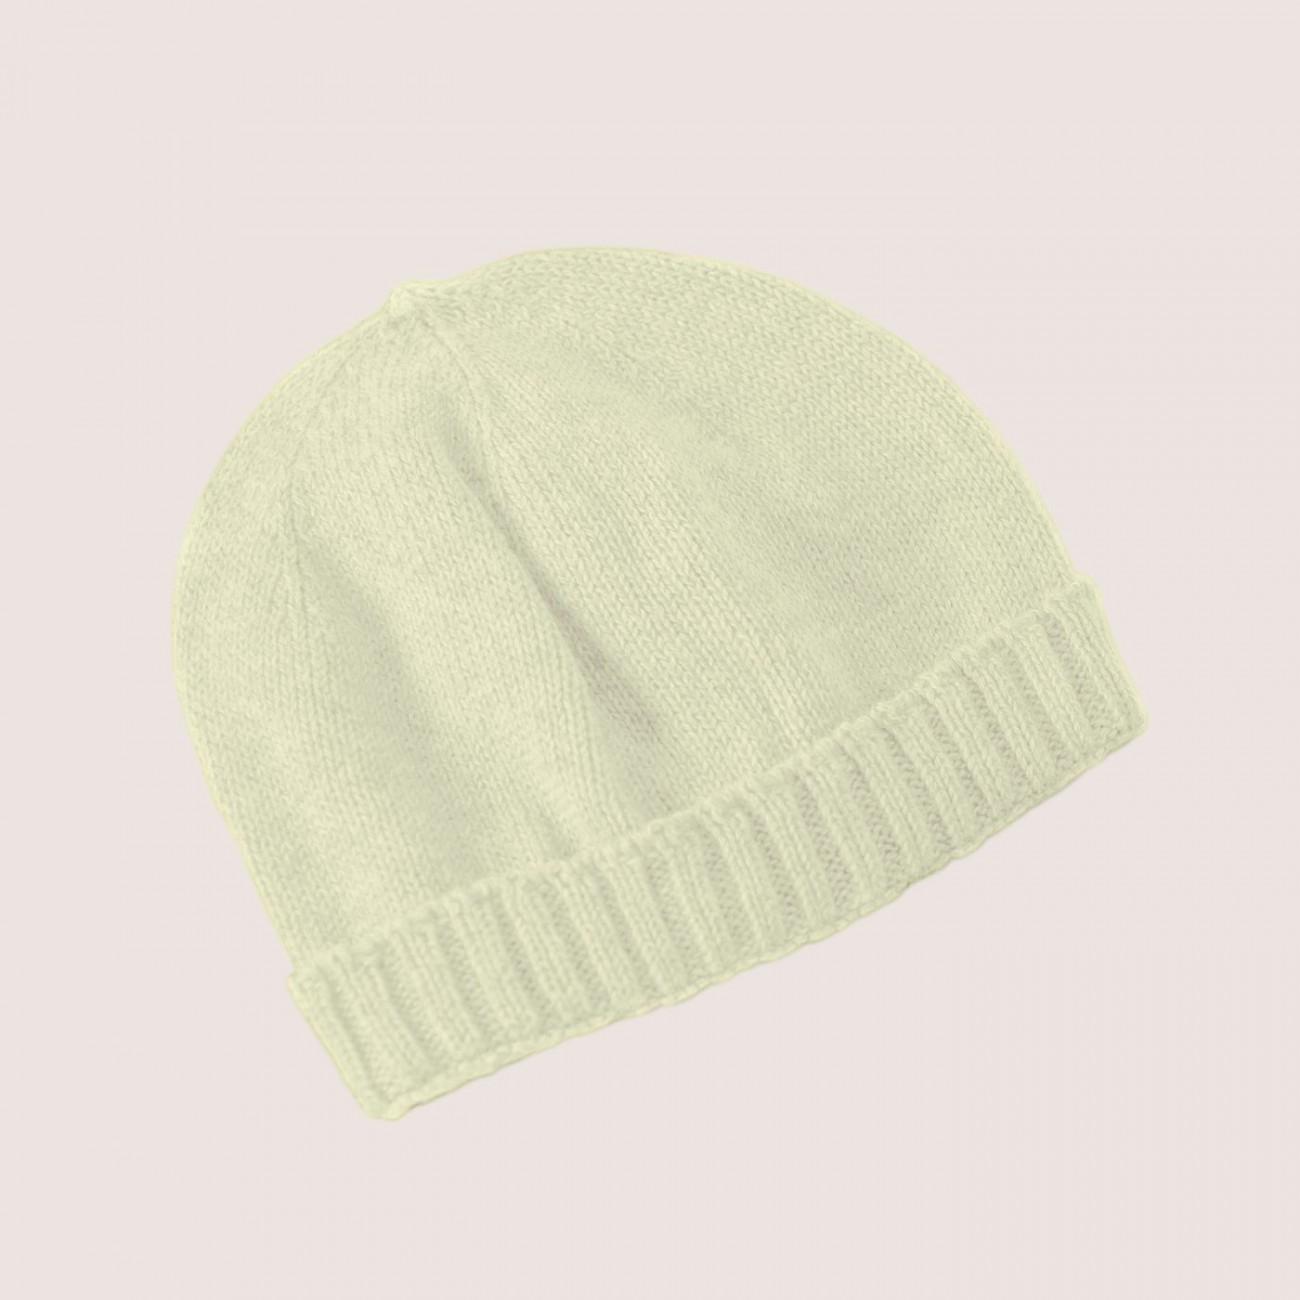 Gorro básico crudo 100% algodón con lazo a tono